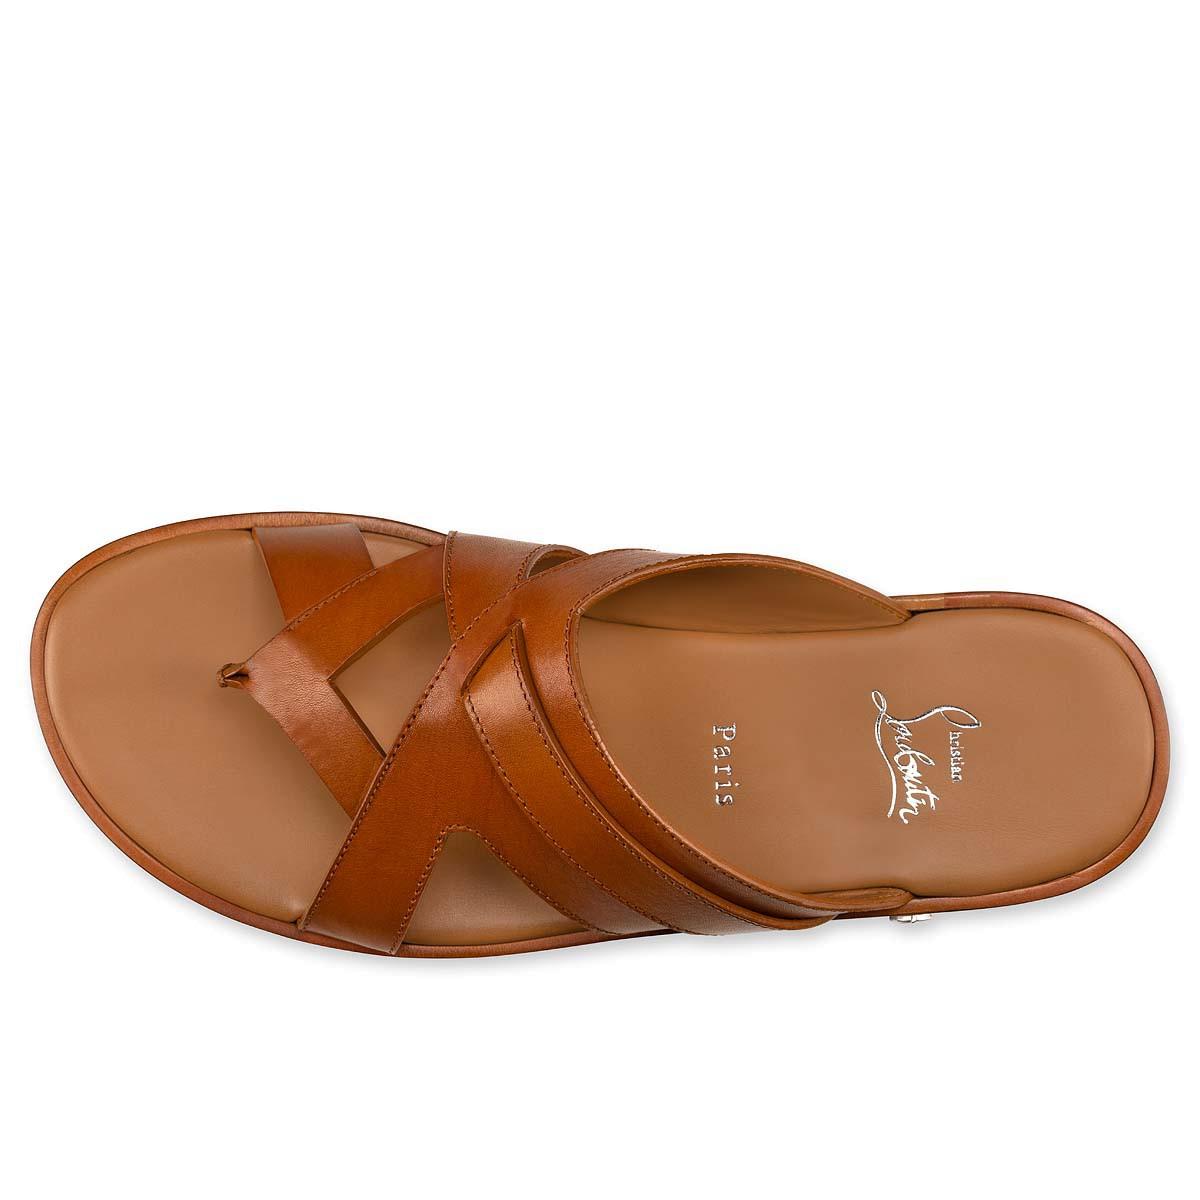 Shoes - Sinouhe Flat - Christian Louboutin